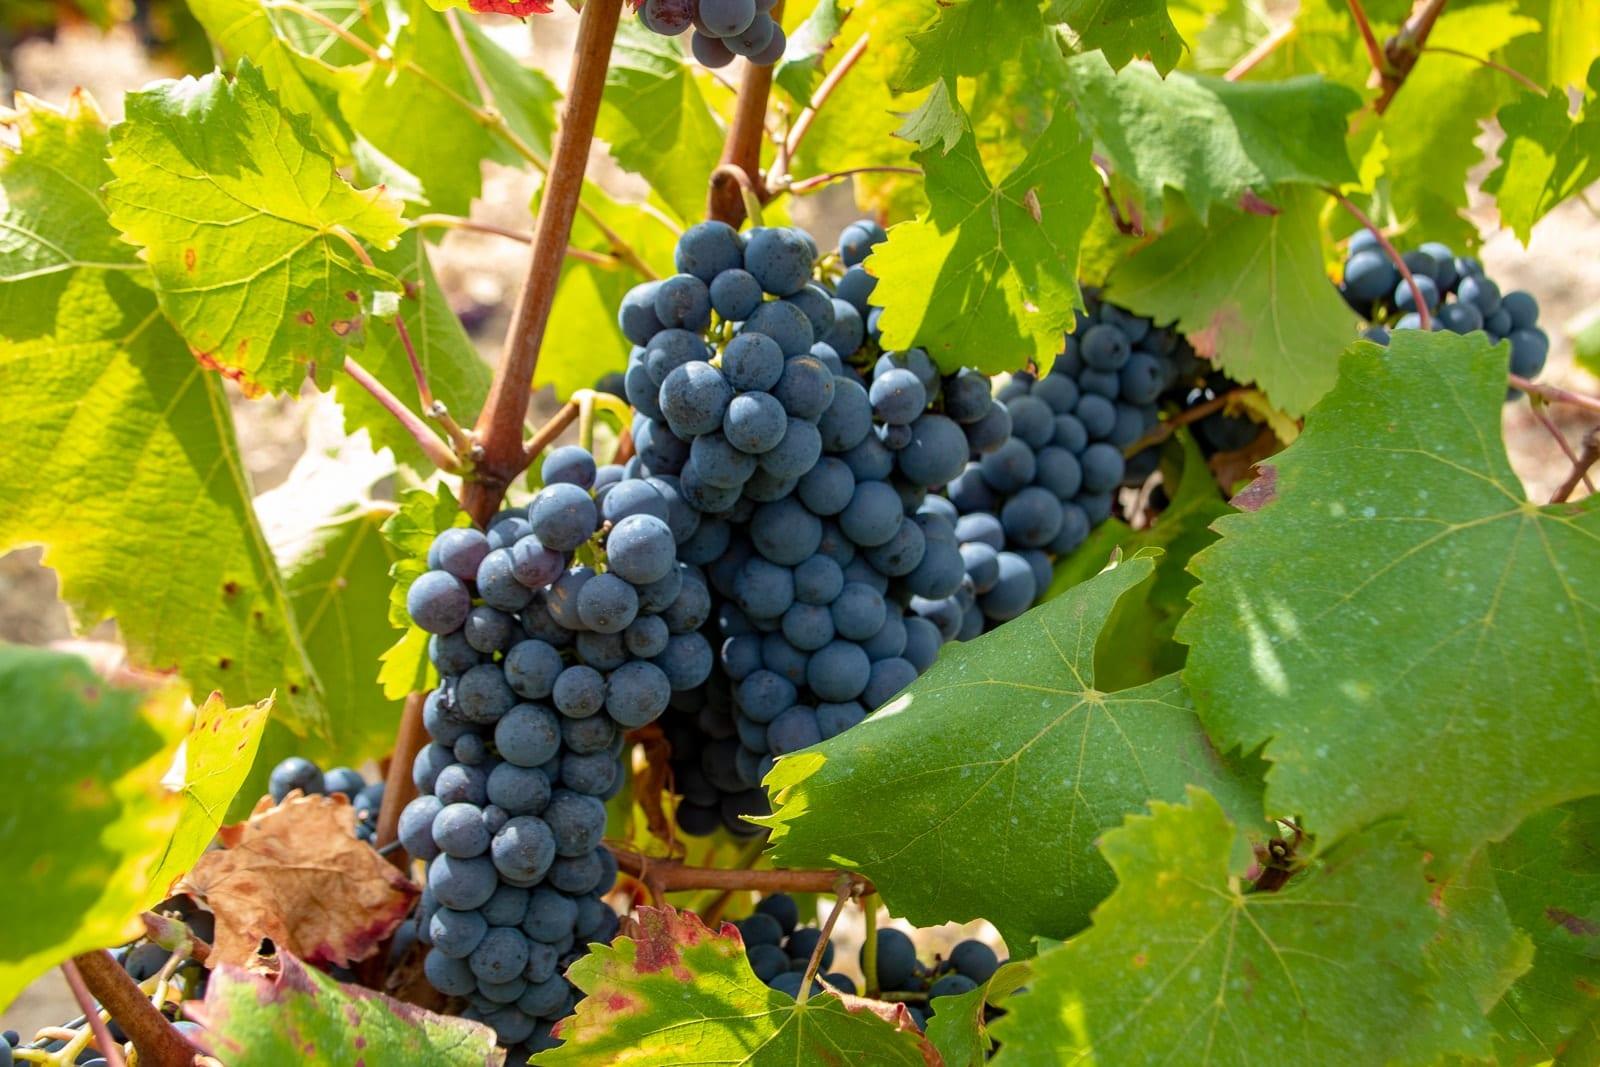 terroir produits vin degustration gastronomie paysage viticole vigneron viticulture Autour de Chenonceaux Vallee du Cher touraine 37 indre et loire tourisme activites tourisme nature